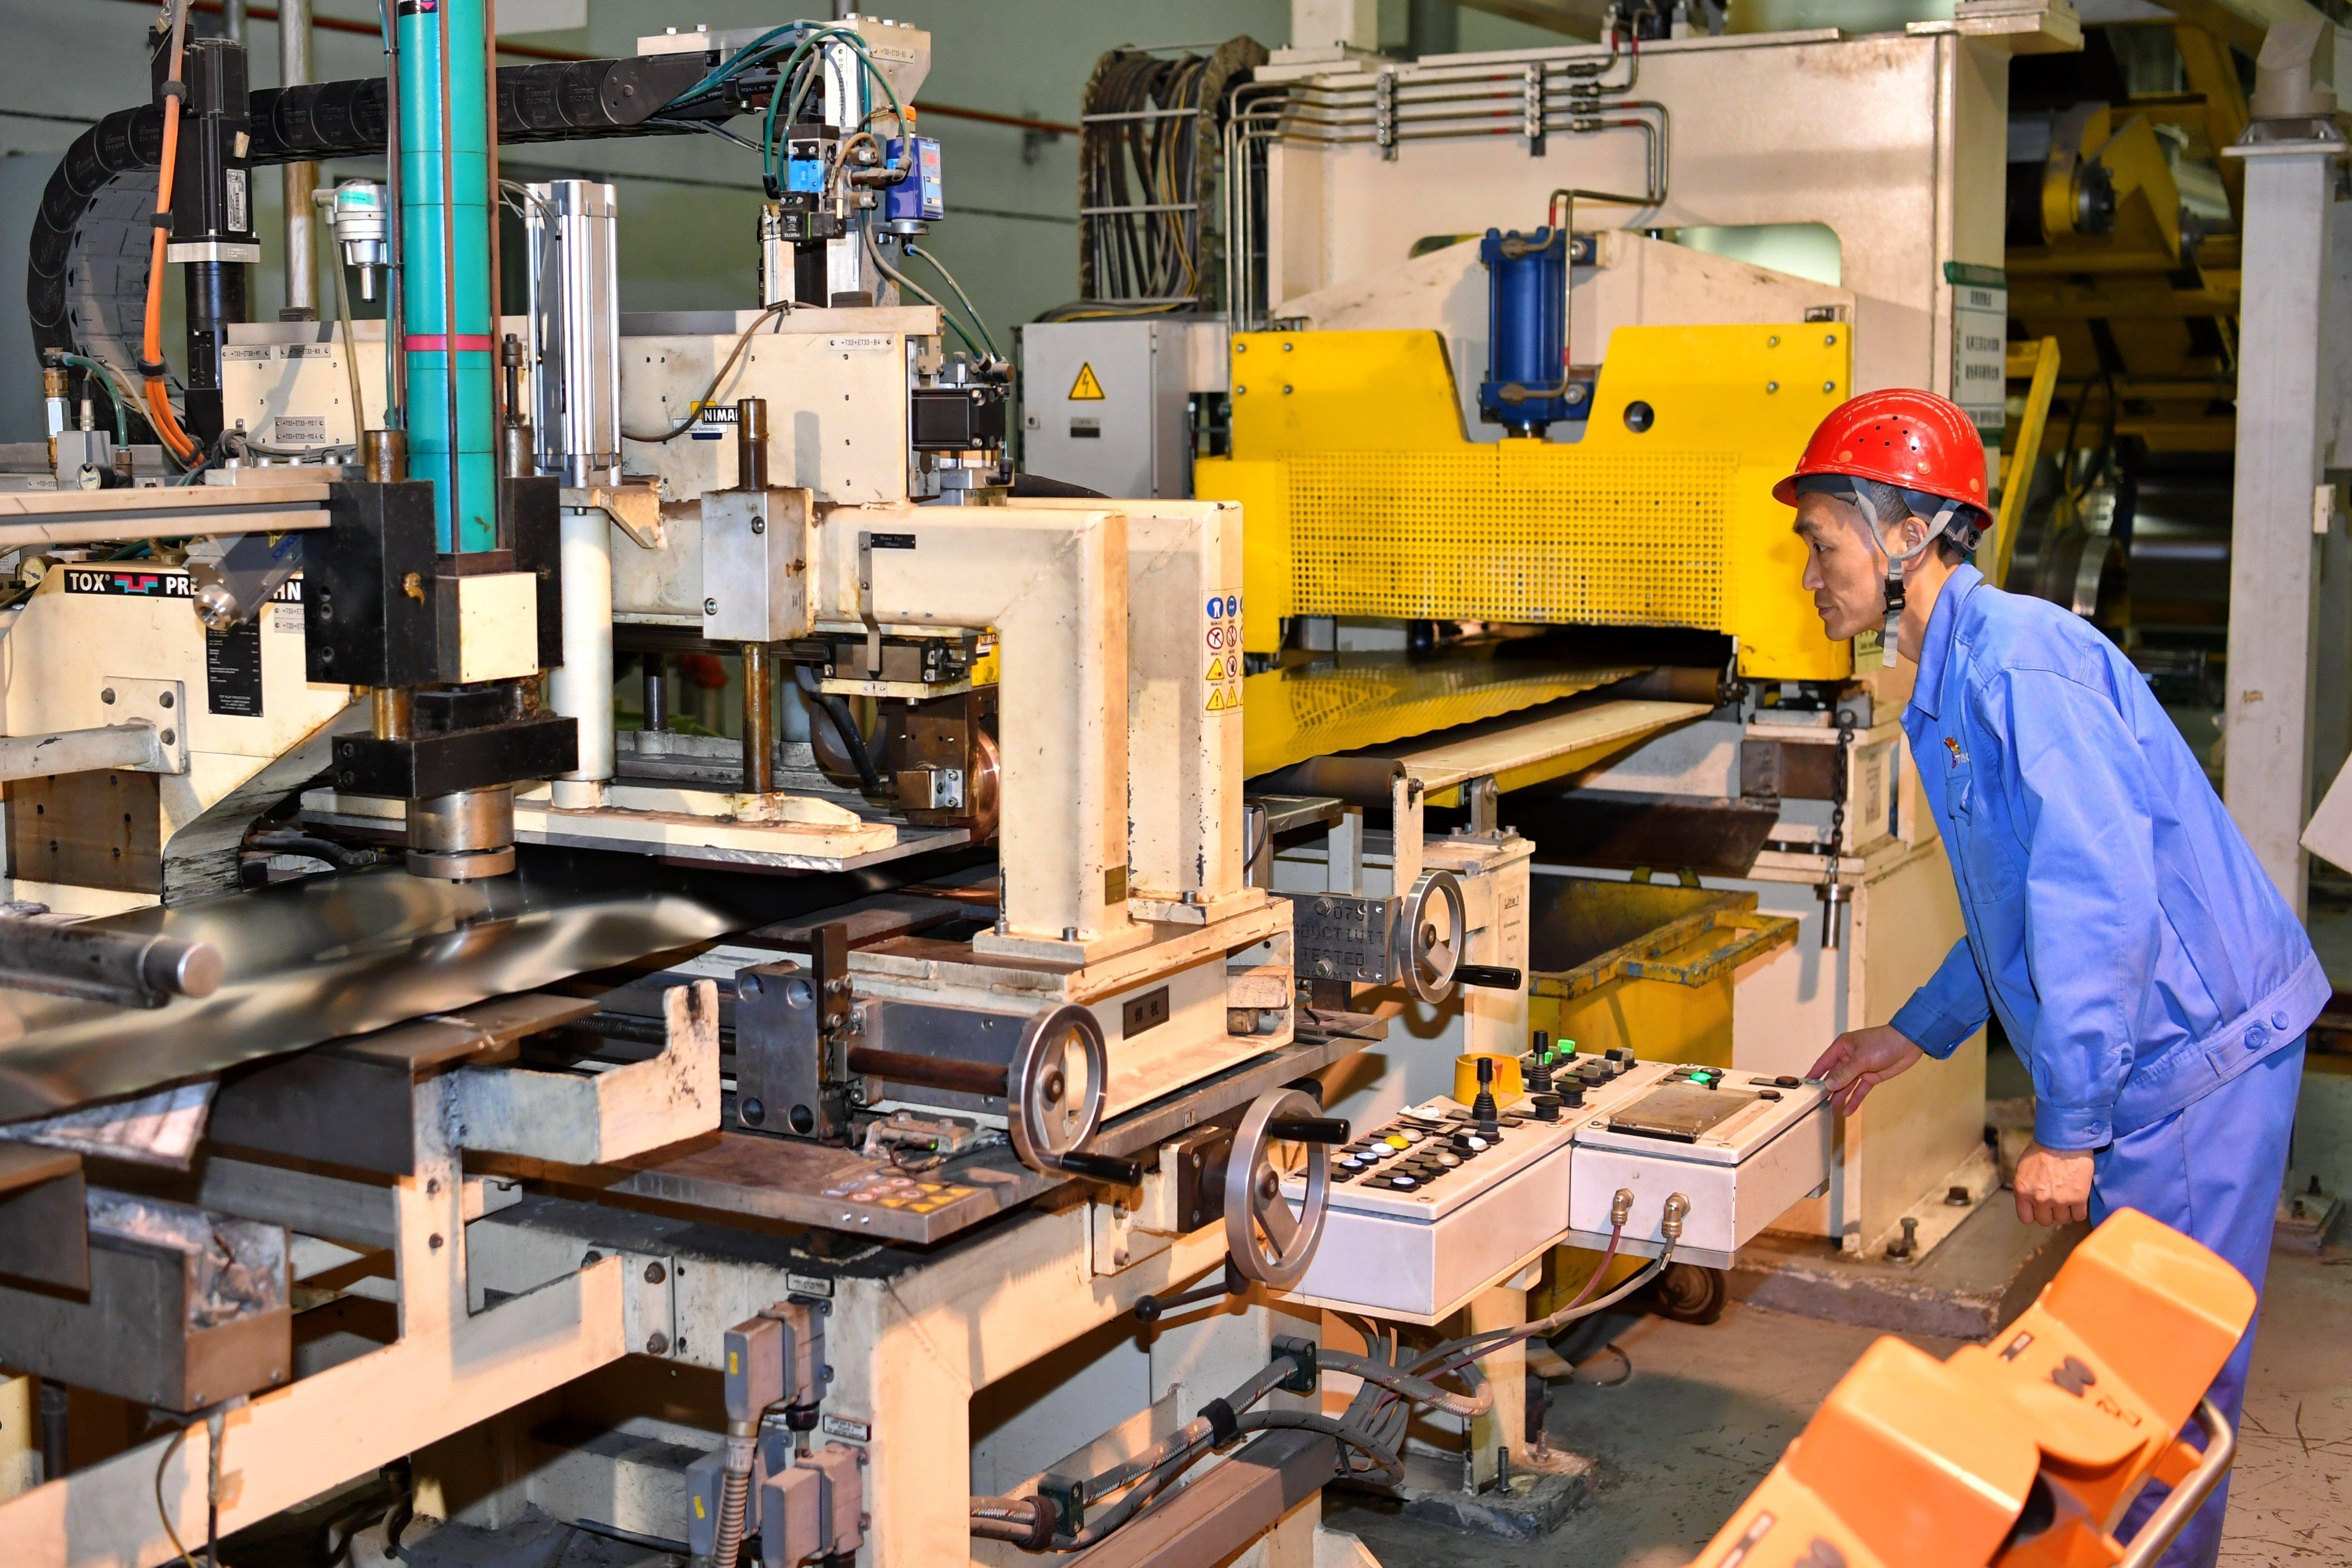 太鋼集團員工在操控超薄帶狀不銹鋼的加工設備(5月24日攝)。新華社記者 曹陽 攝.JPG